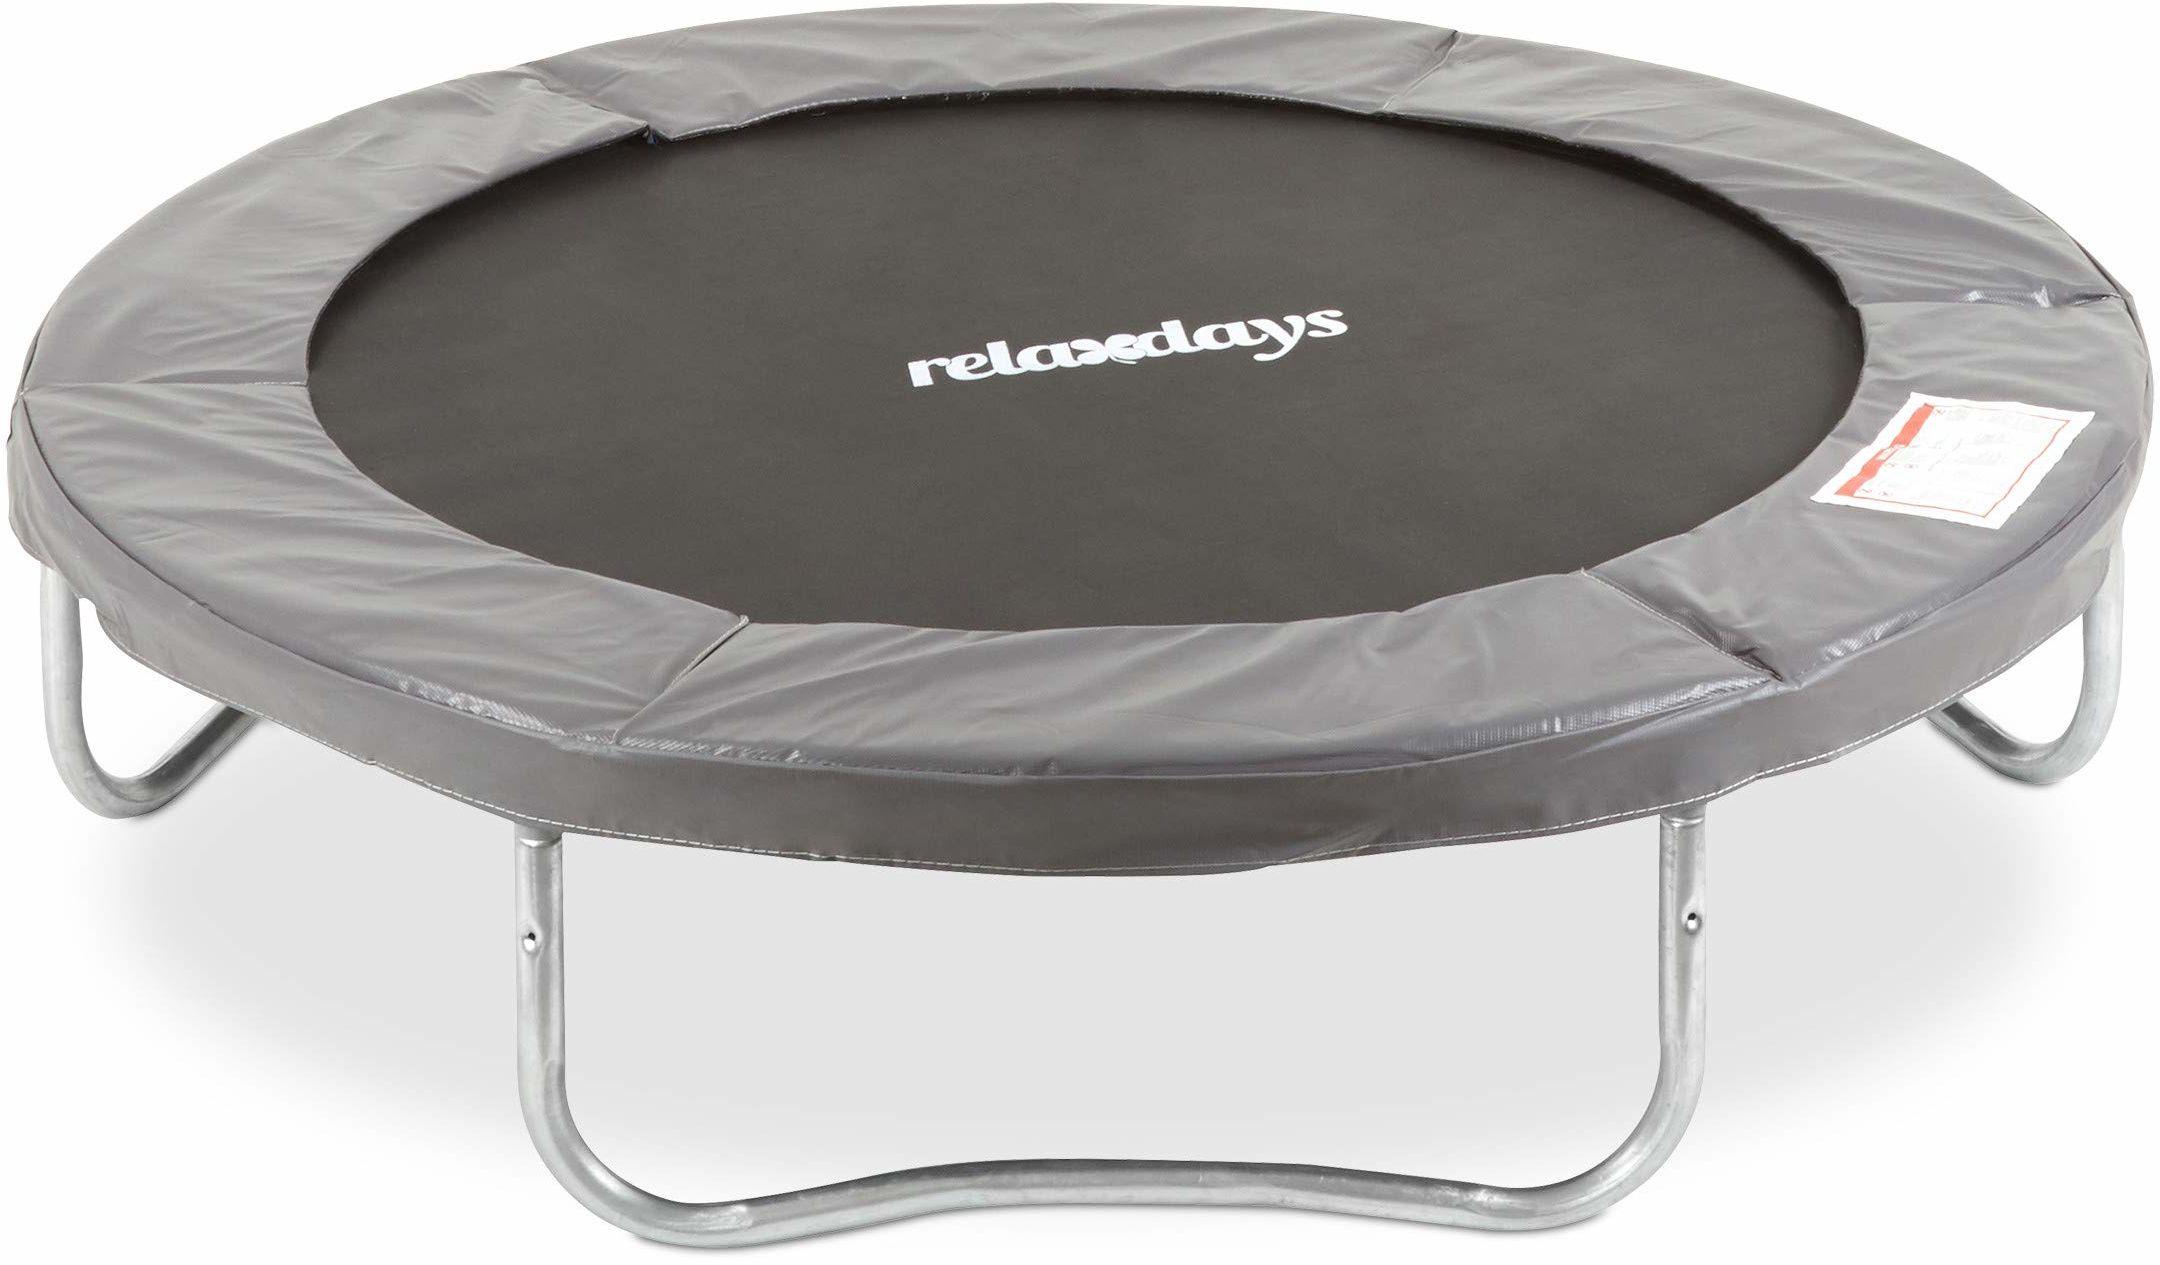 Relaxdays Unisex młodzieżowa, szara trampolina outdoorowa, trampolina ogrodowa dla dzieci i dorosłych, do 150 kg, ochronna osłona krawędzi, Ø 244 cm, 244 cm